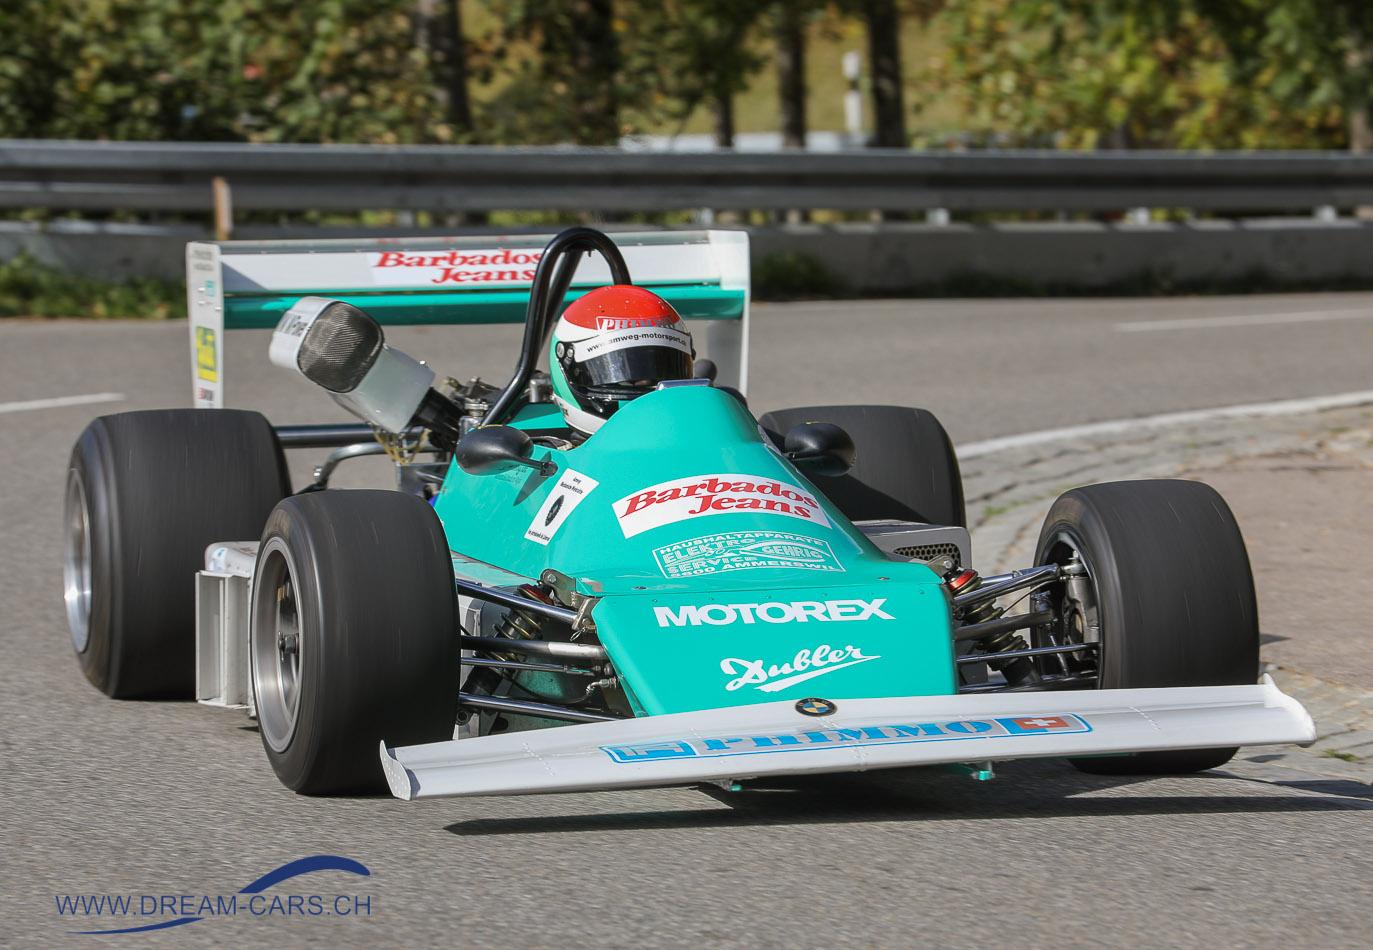 Jochpass Memorial Bad Hindelang 2018, 05. bis 07. Oktober. Fredy Amweg baute zusammen mit seinem Vater 1976 diesen Eigenbau, den Amweg-BMW AW 76 Formel 2, mit dem er unzählige Rennen gewann.